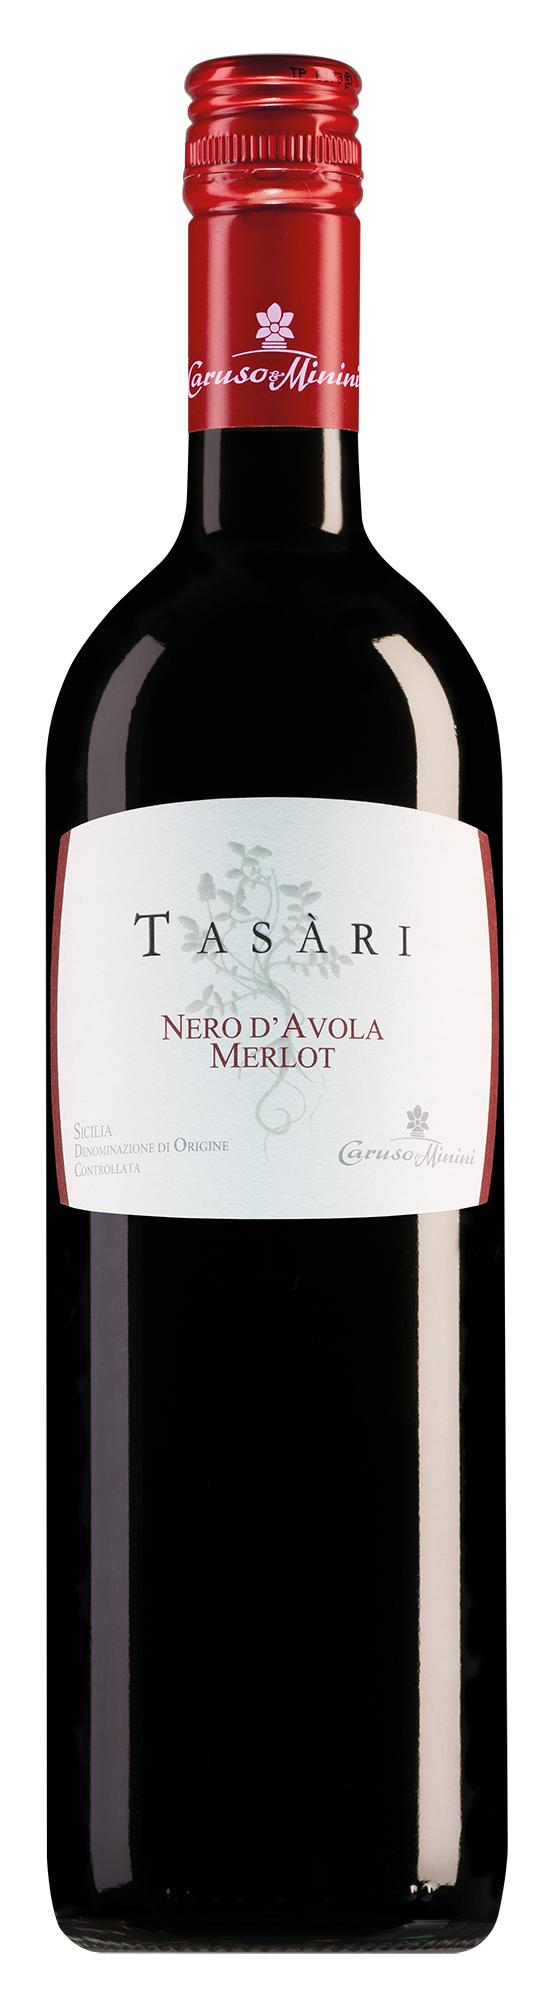 Caruso e Minini Terre Siciliane Tasàri Nero d'Avola-Merlot